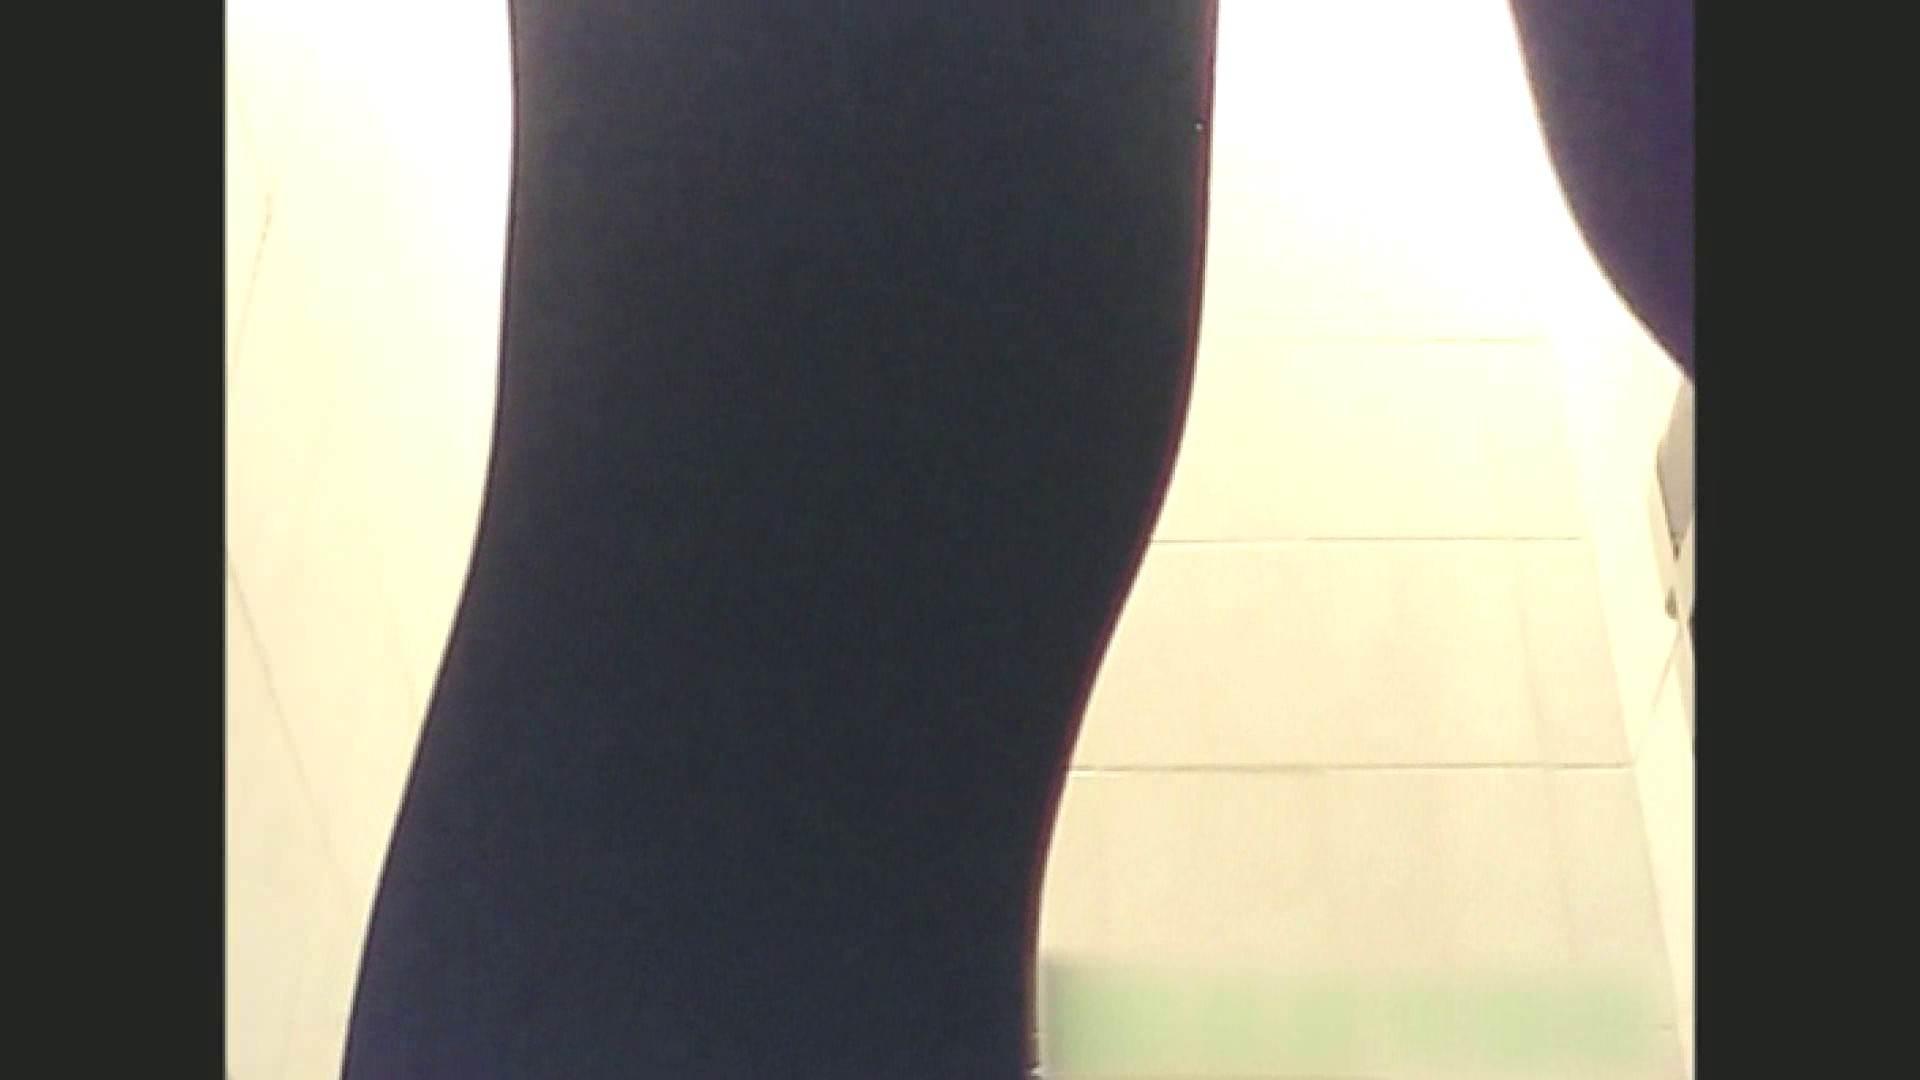 実録!!綺麗なお姉さんのトイレ事情・・・。vol.15 OLヌード天国  64PIX 12